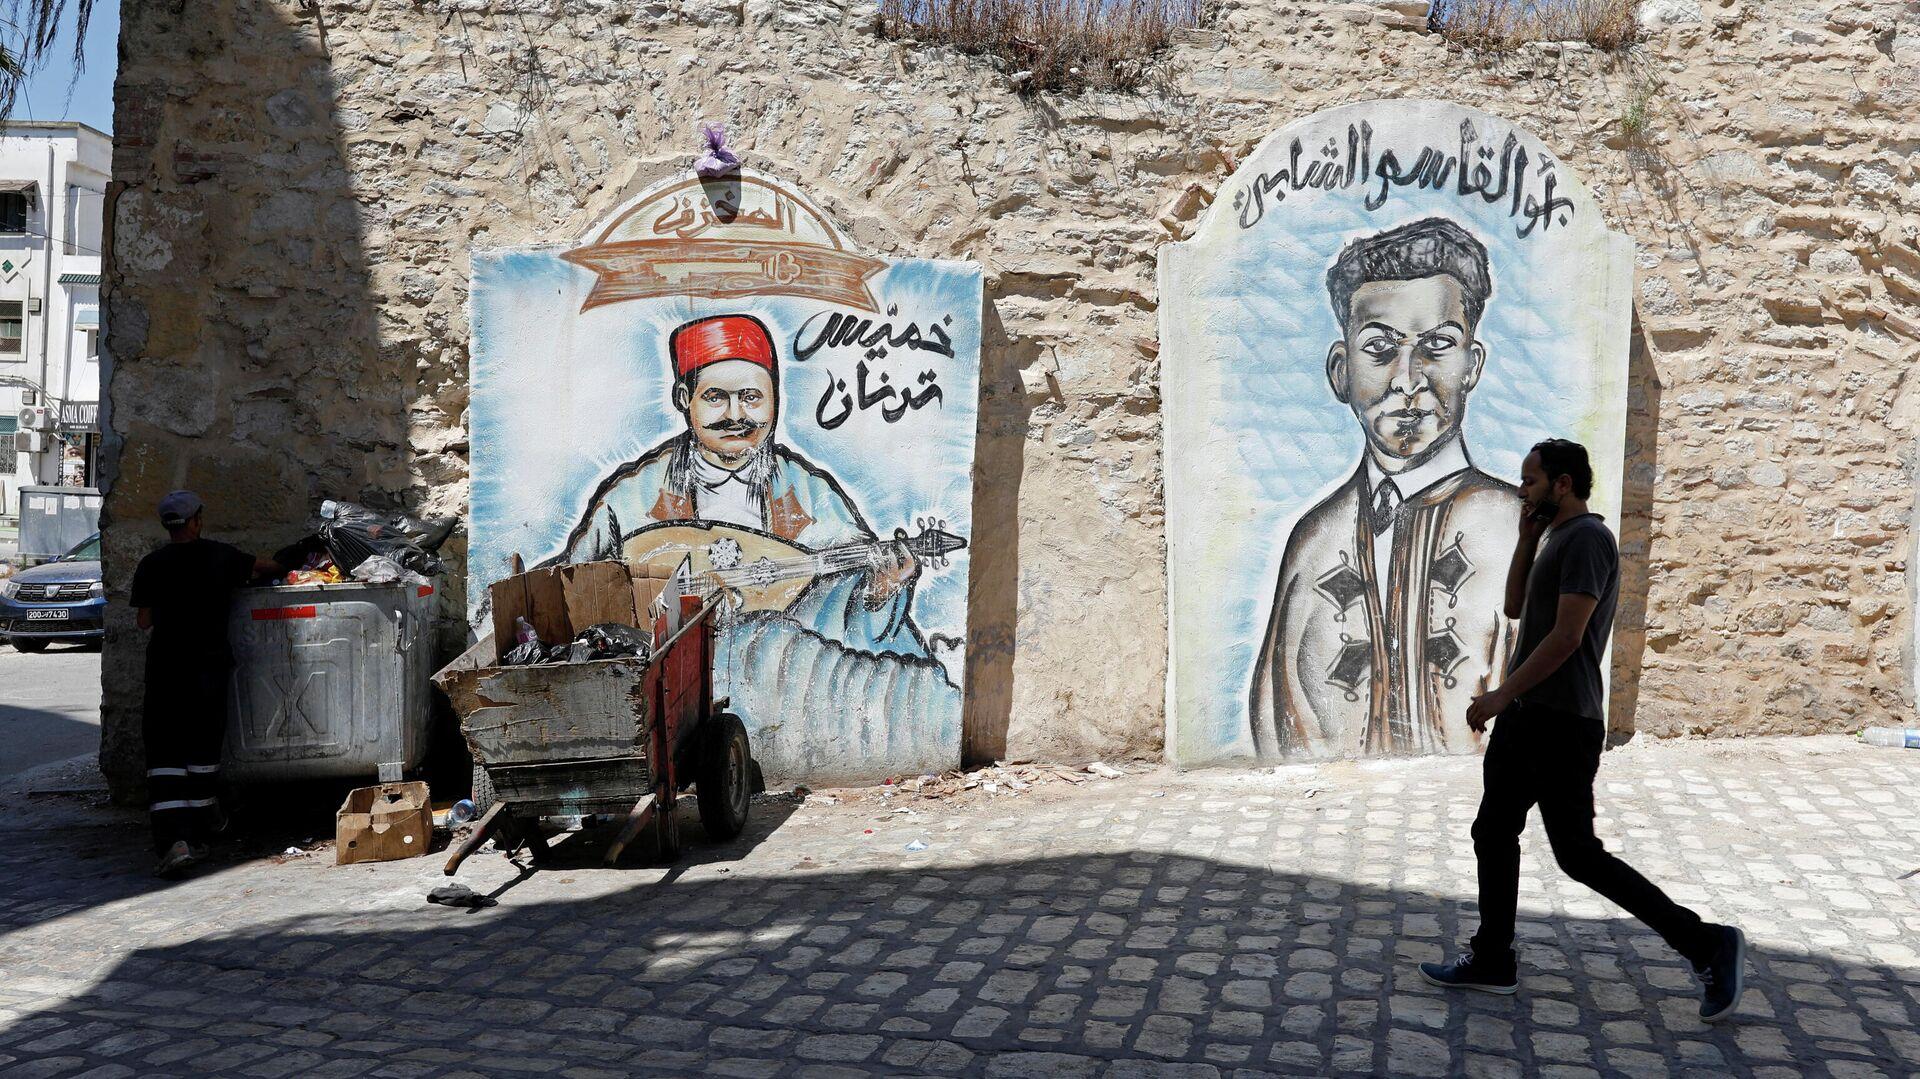 Un hombre en una de las calles cerca de la Ciudad Vieja de Túnez - Sputnik Mundo, 1920, 14.07.2021